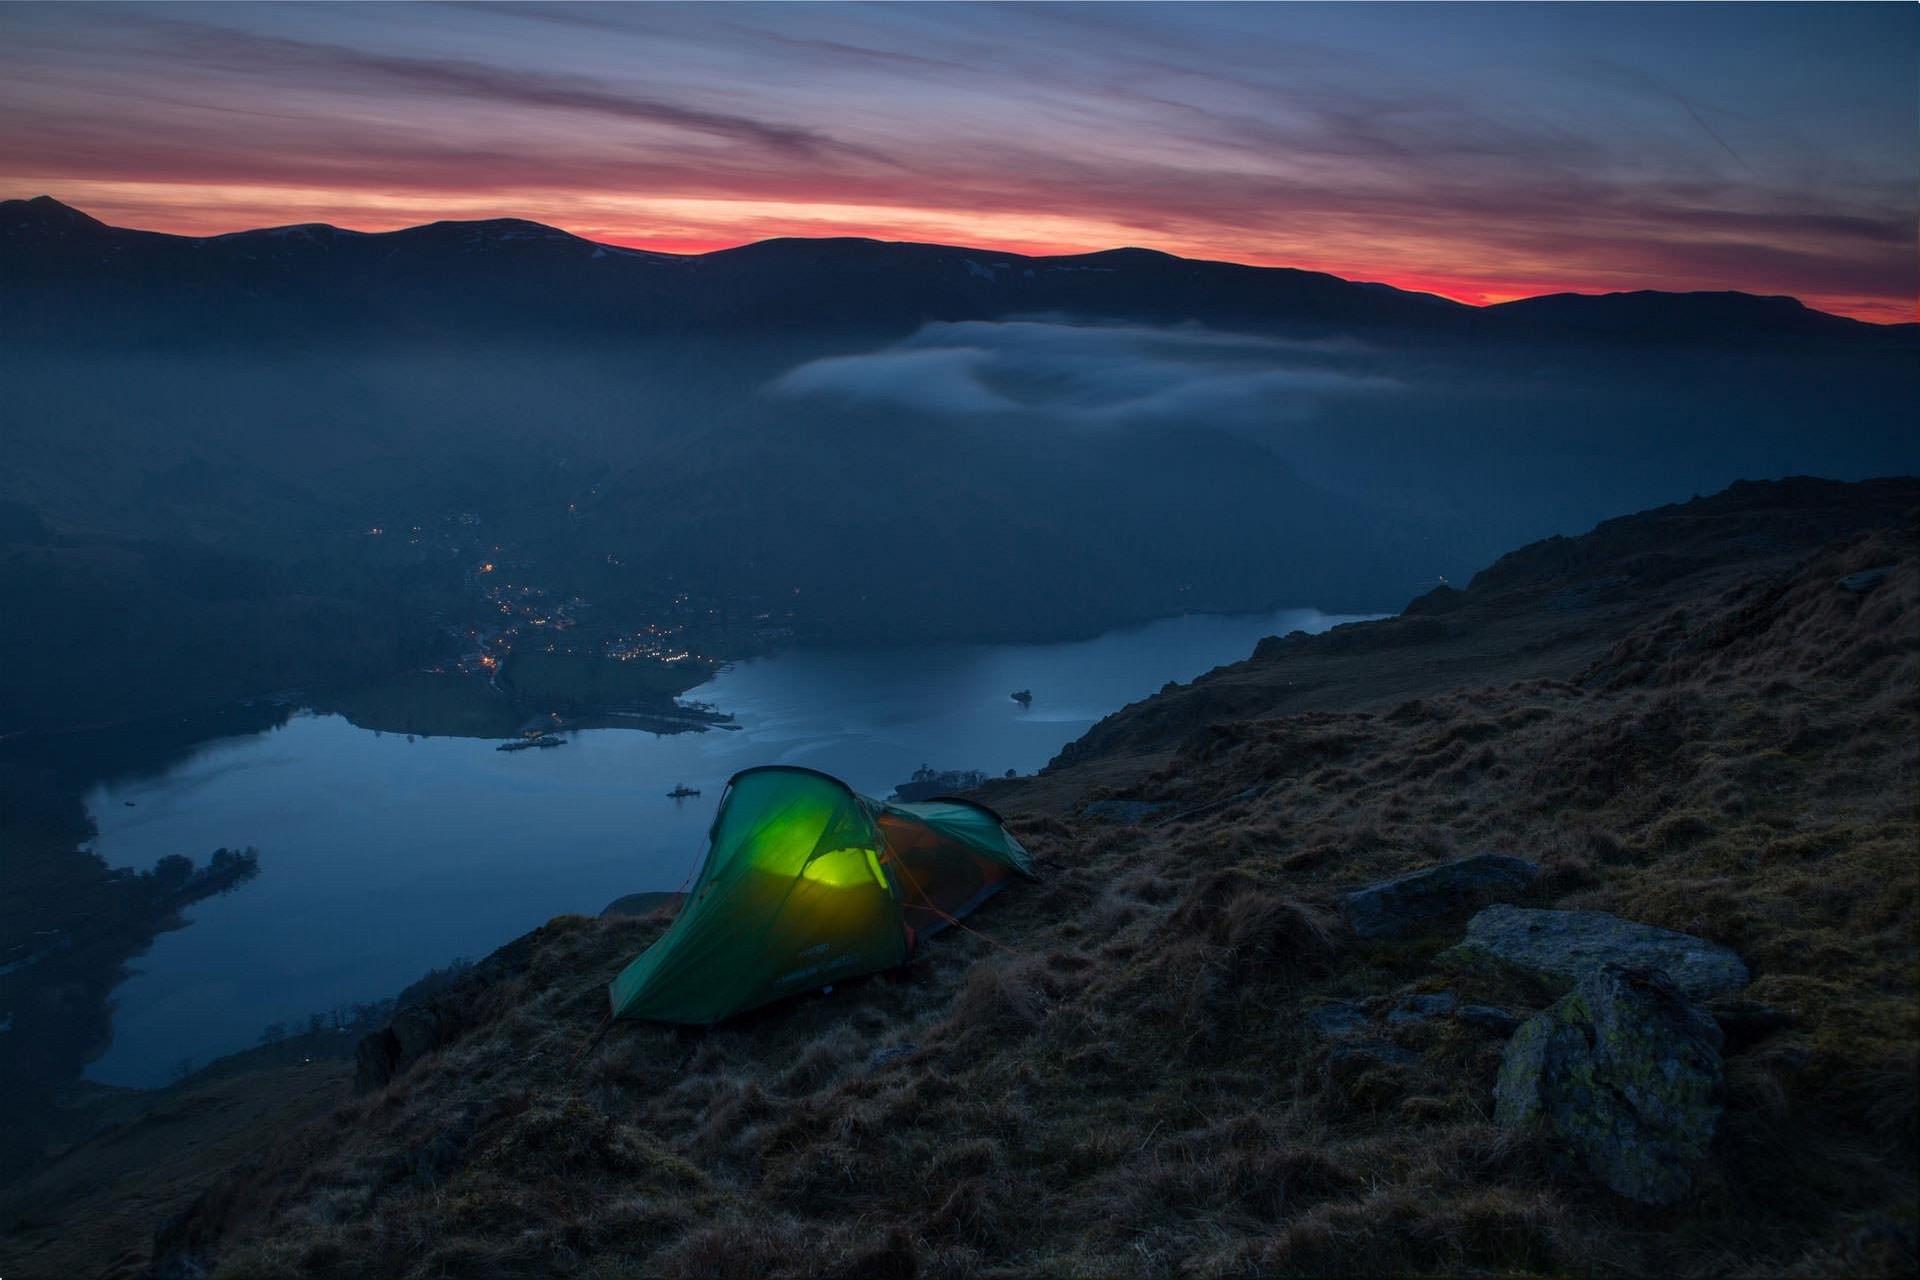 Hintergrundbilder : Landschaft, Beleuchtung, Berge, Sonnenuntergang ...